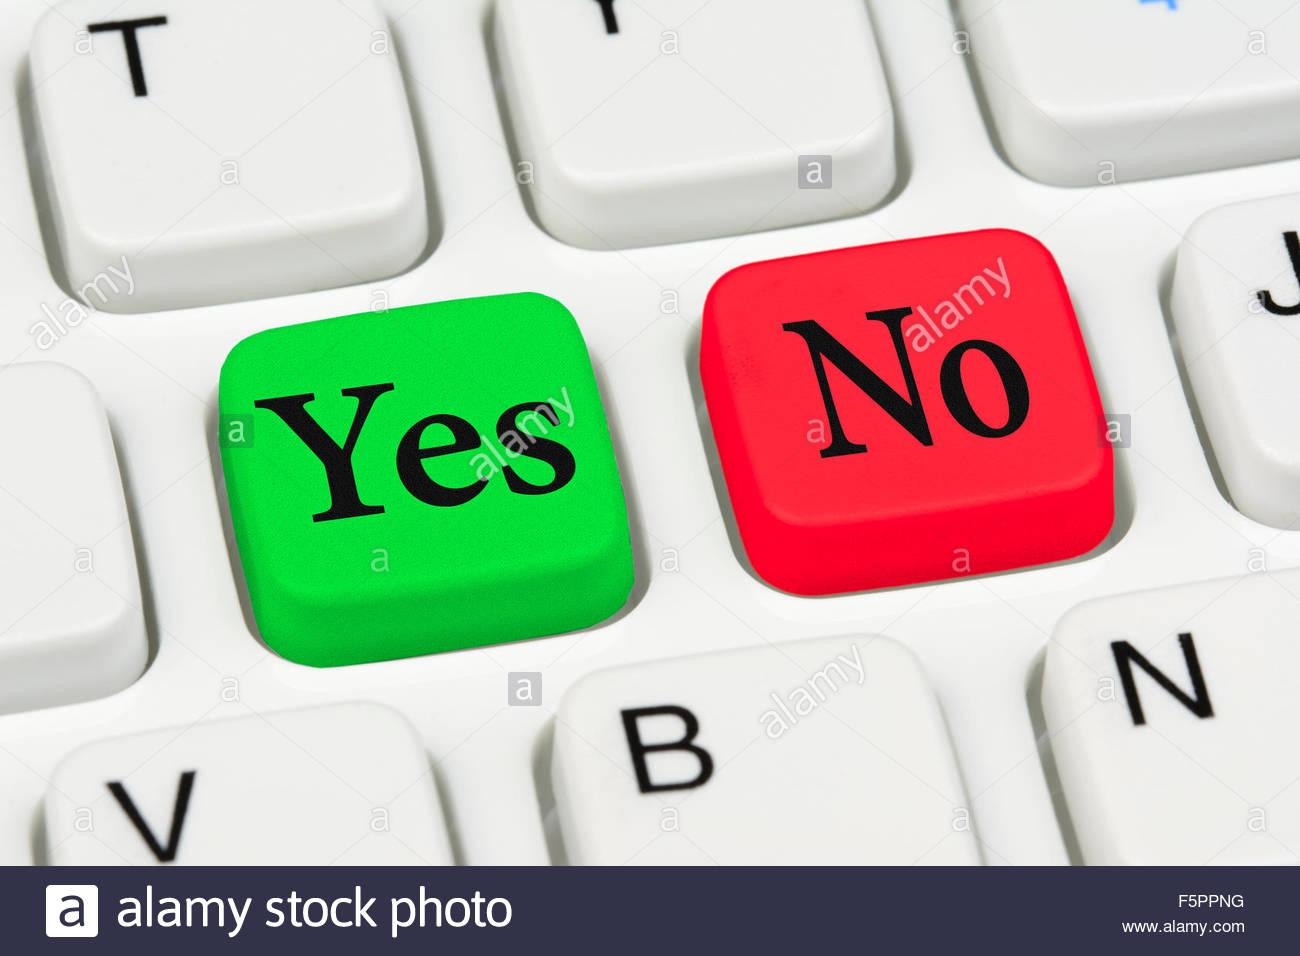 La prise de décision avec les boutons Oui et non sur un clavier d'ordinateur. Yes ou No concept. Photo Stock